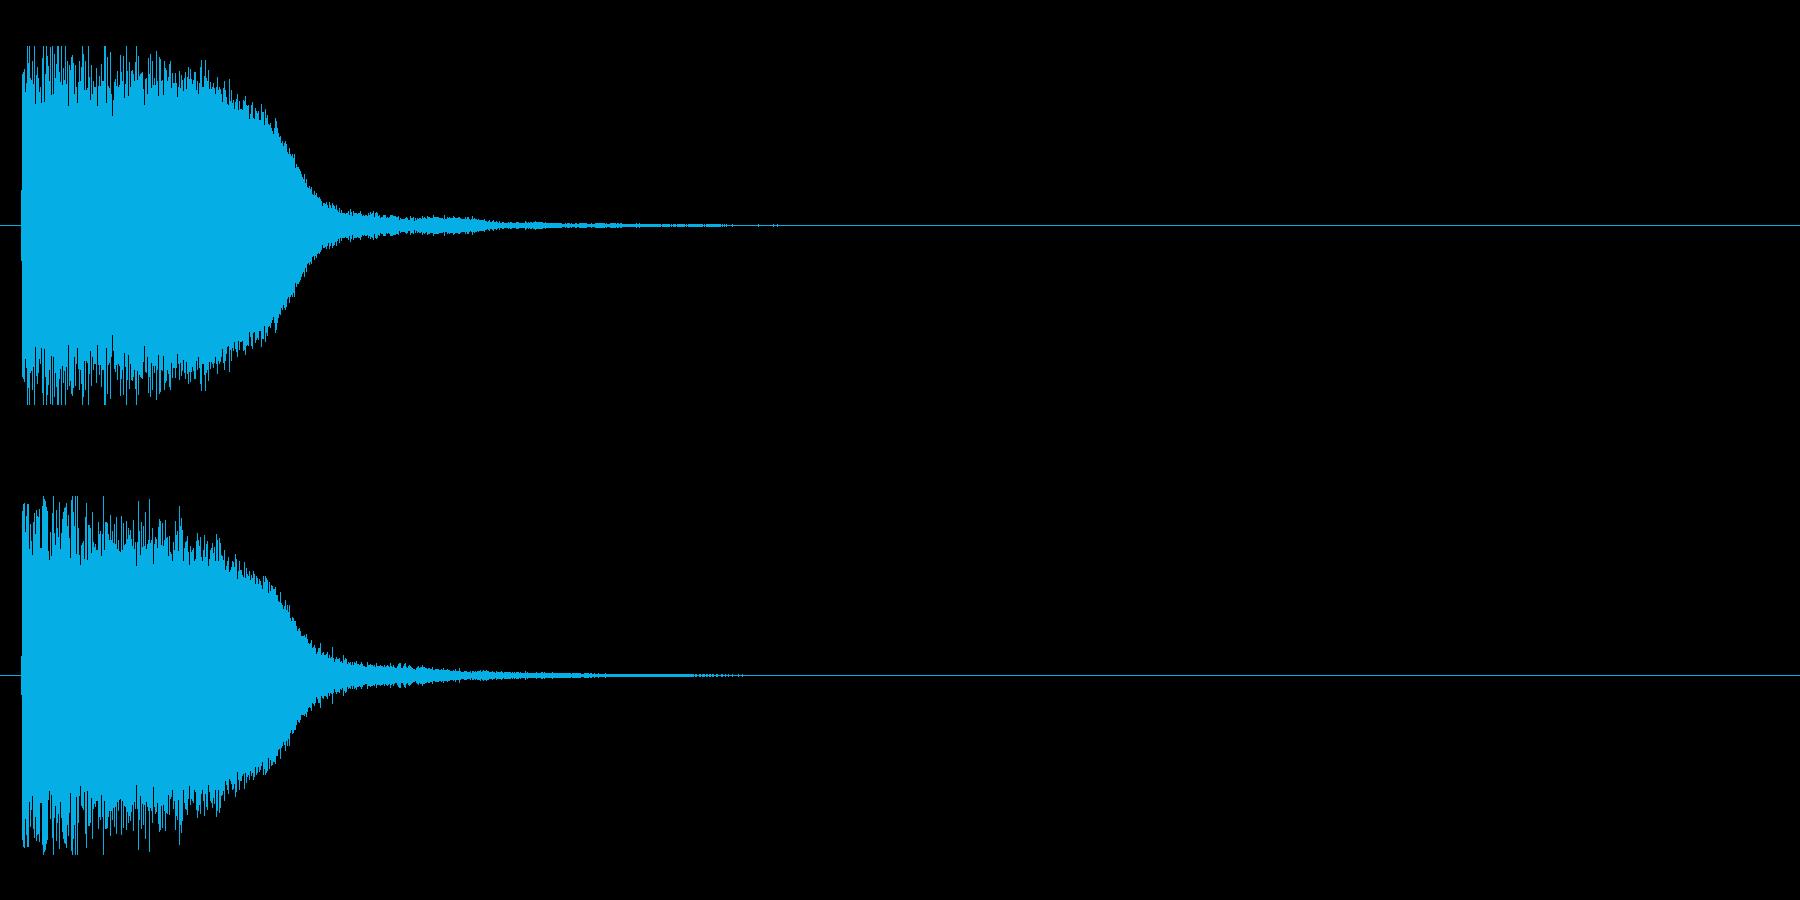 レーザー音-85-1の再生済みの波形